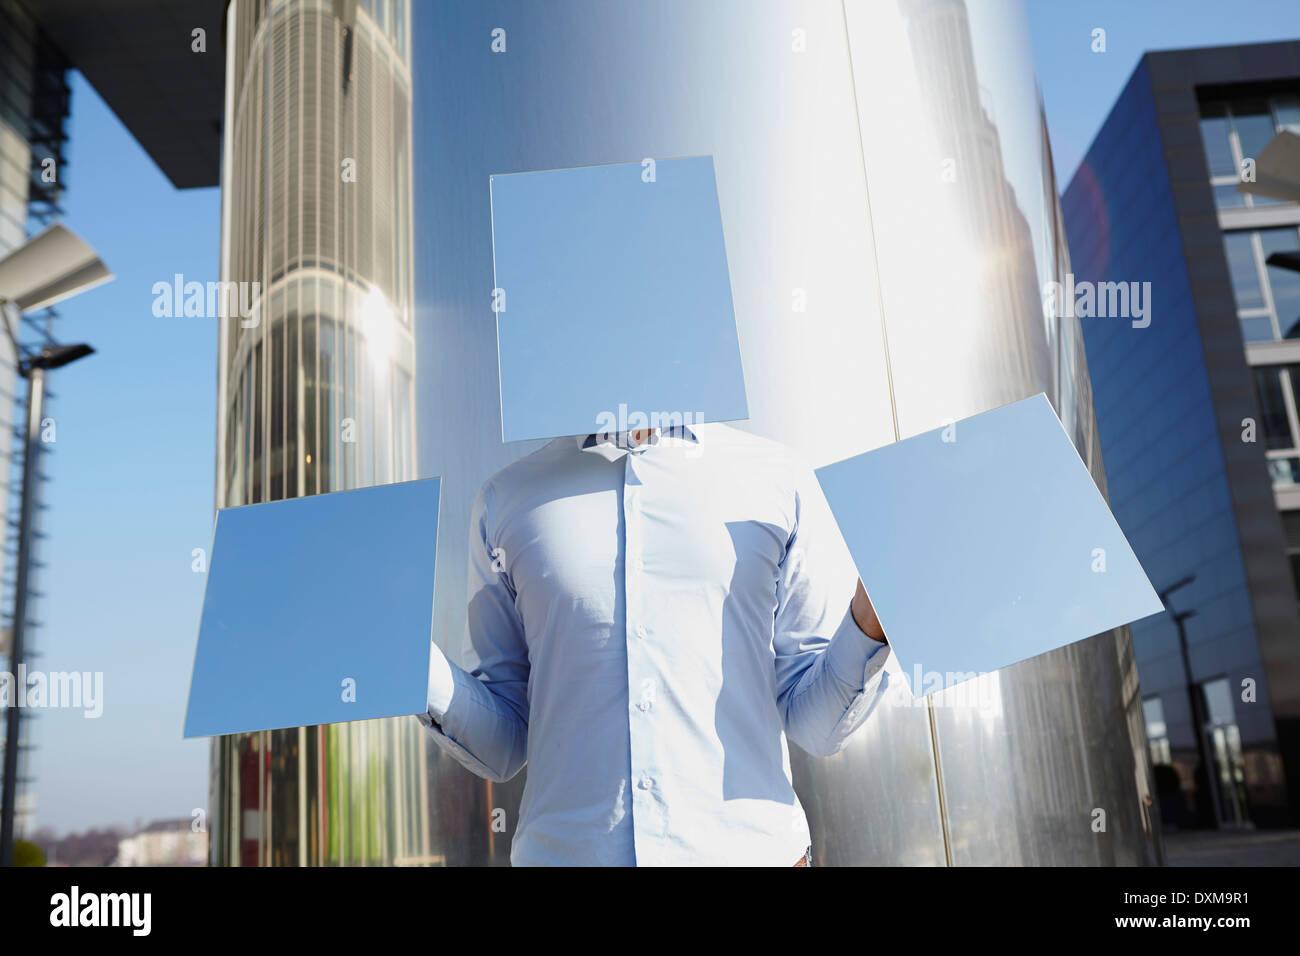 Man hidden behind light blue rectangles - Stock Image